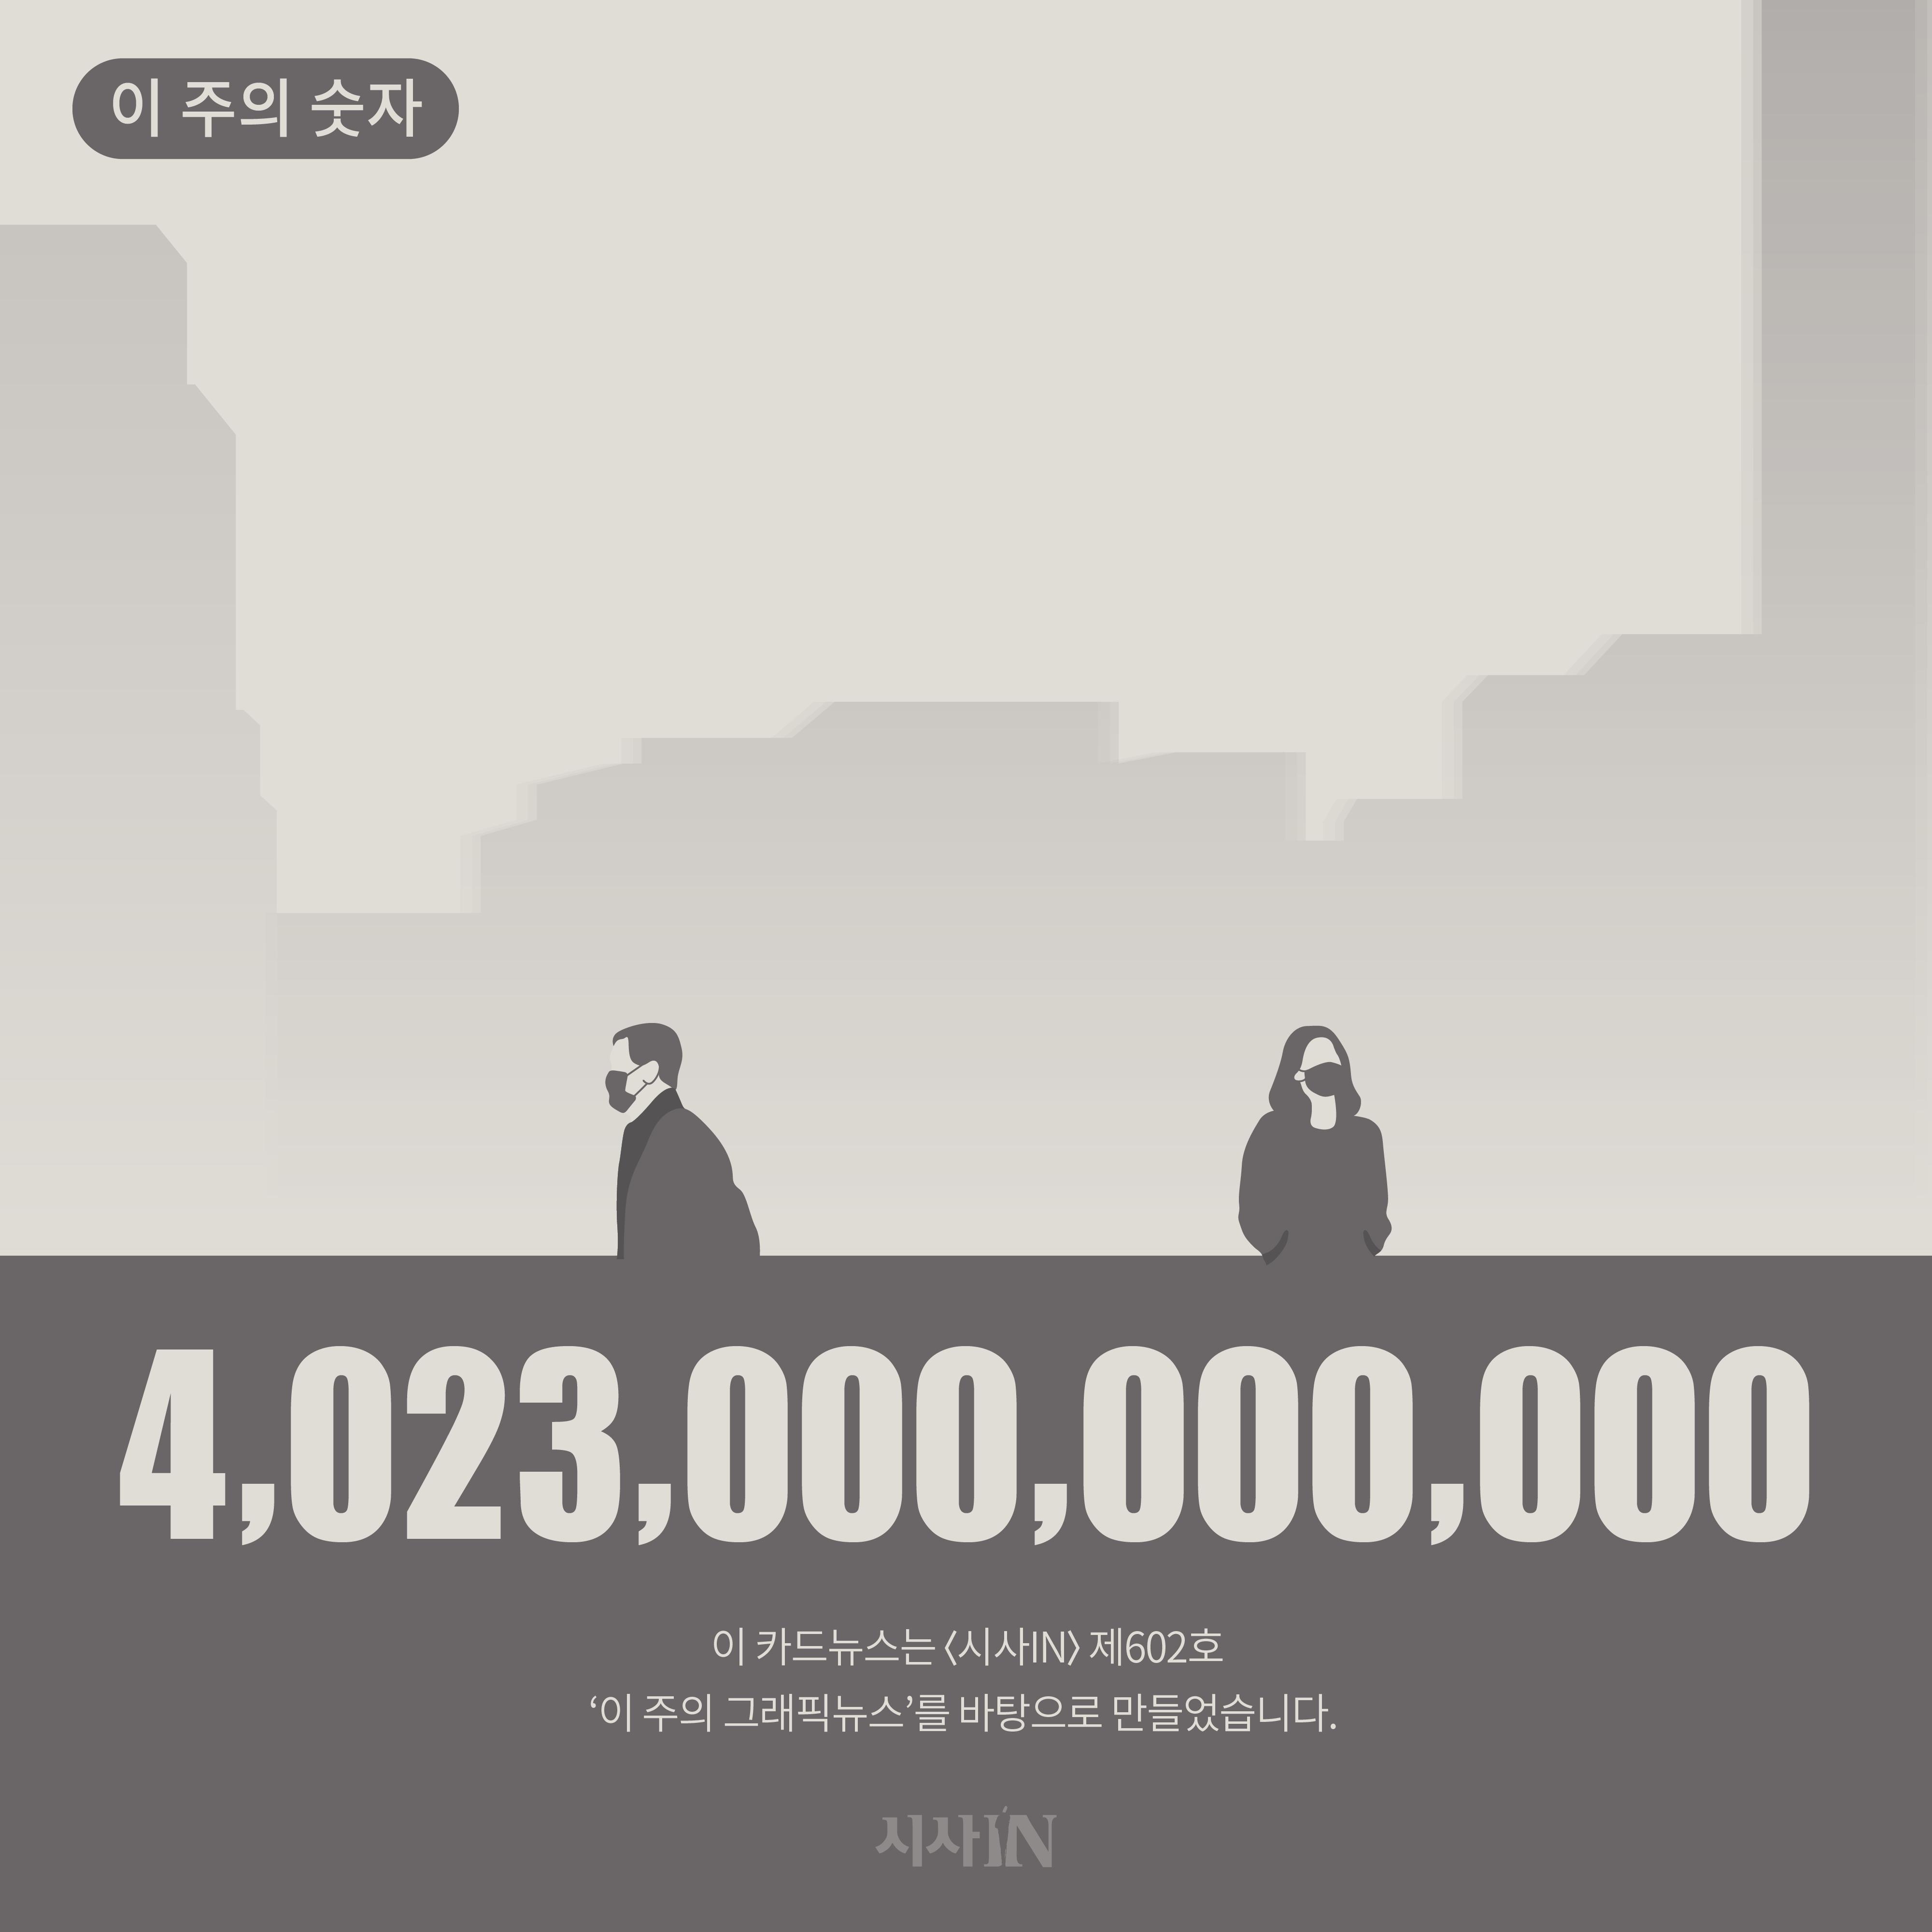 [카드뉴스] 이 주의 숫자 : 4,023,000,000,000